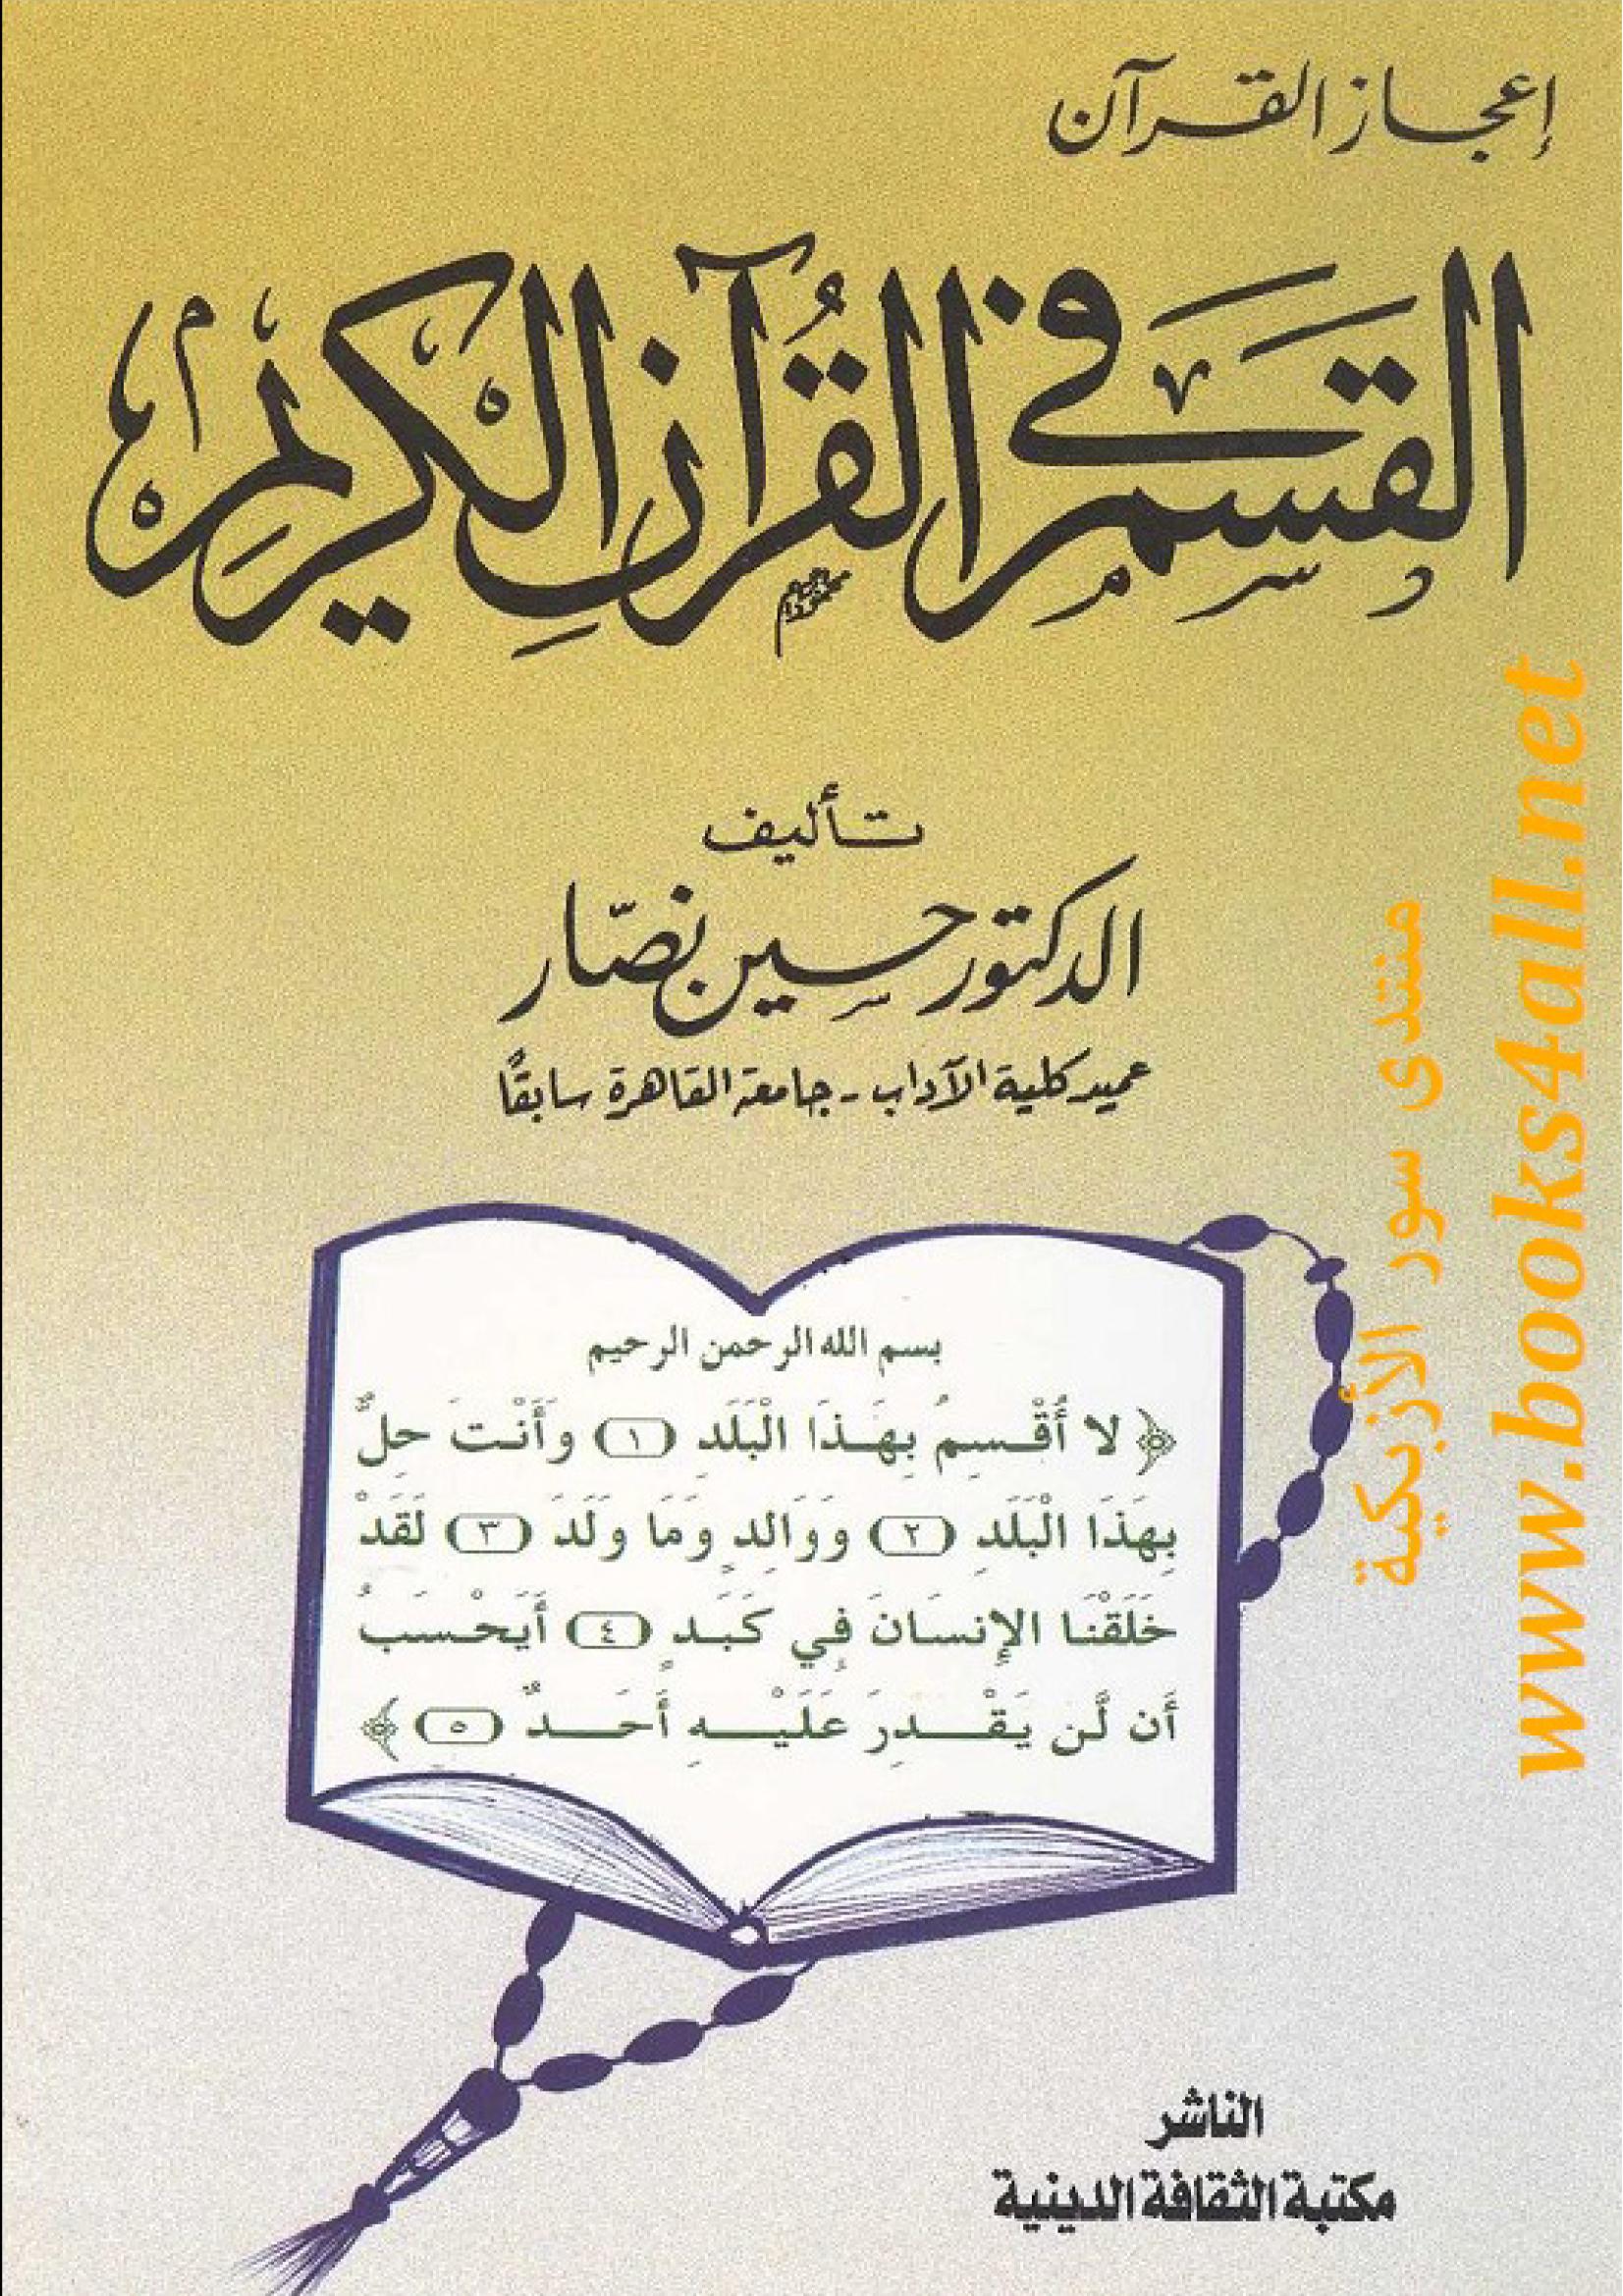 تحميل كتاب إعجاز القرآن: القسم في القرآن الكريم لـِ: الدكتور حسين بن محمد نصار